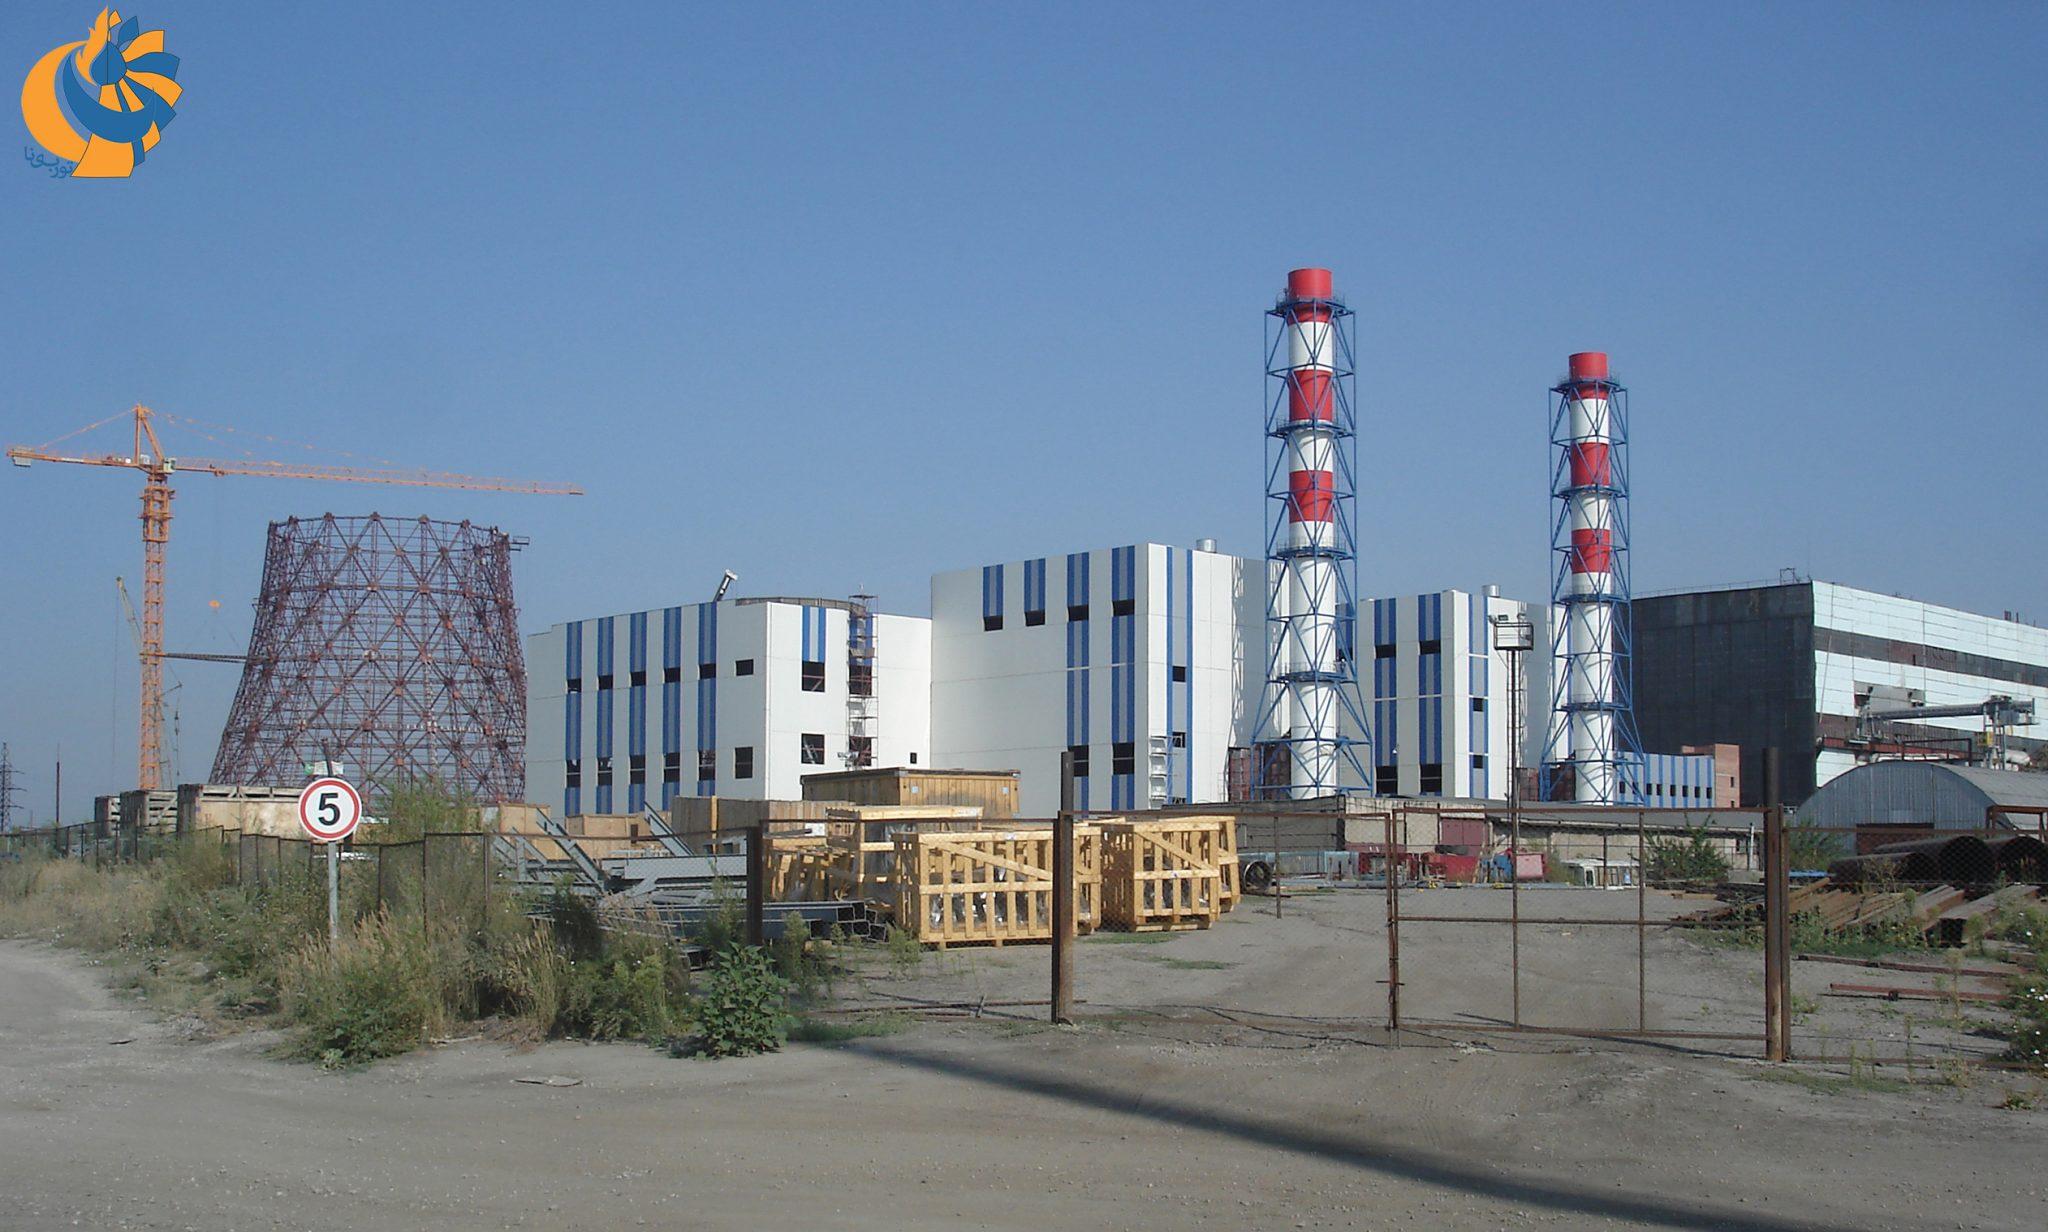 پروژه تعمیرات اساسی نیروگاه حرارتی سیکل ترکیبی Syzran واقع در روسیه